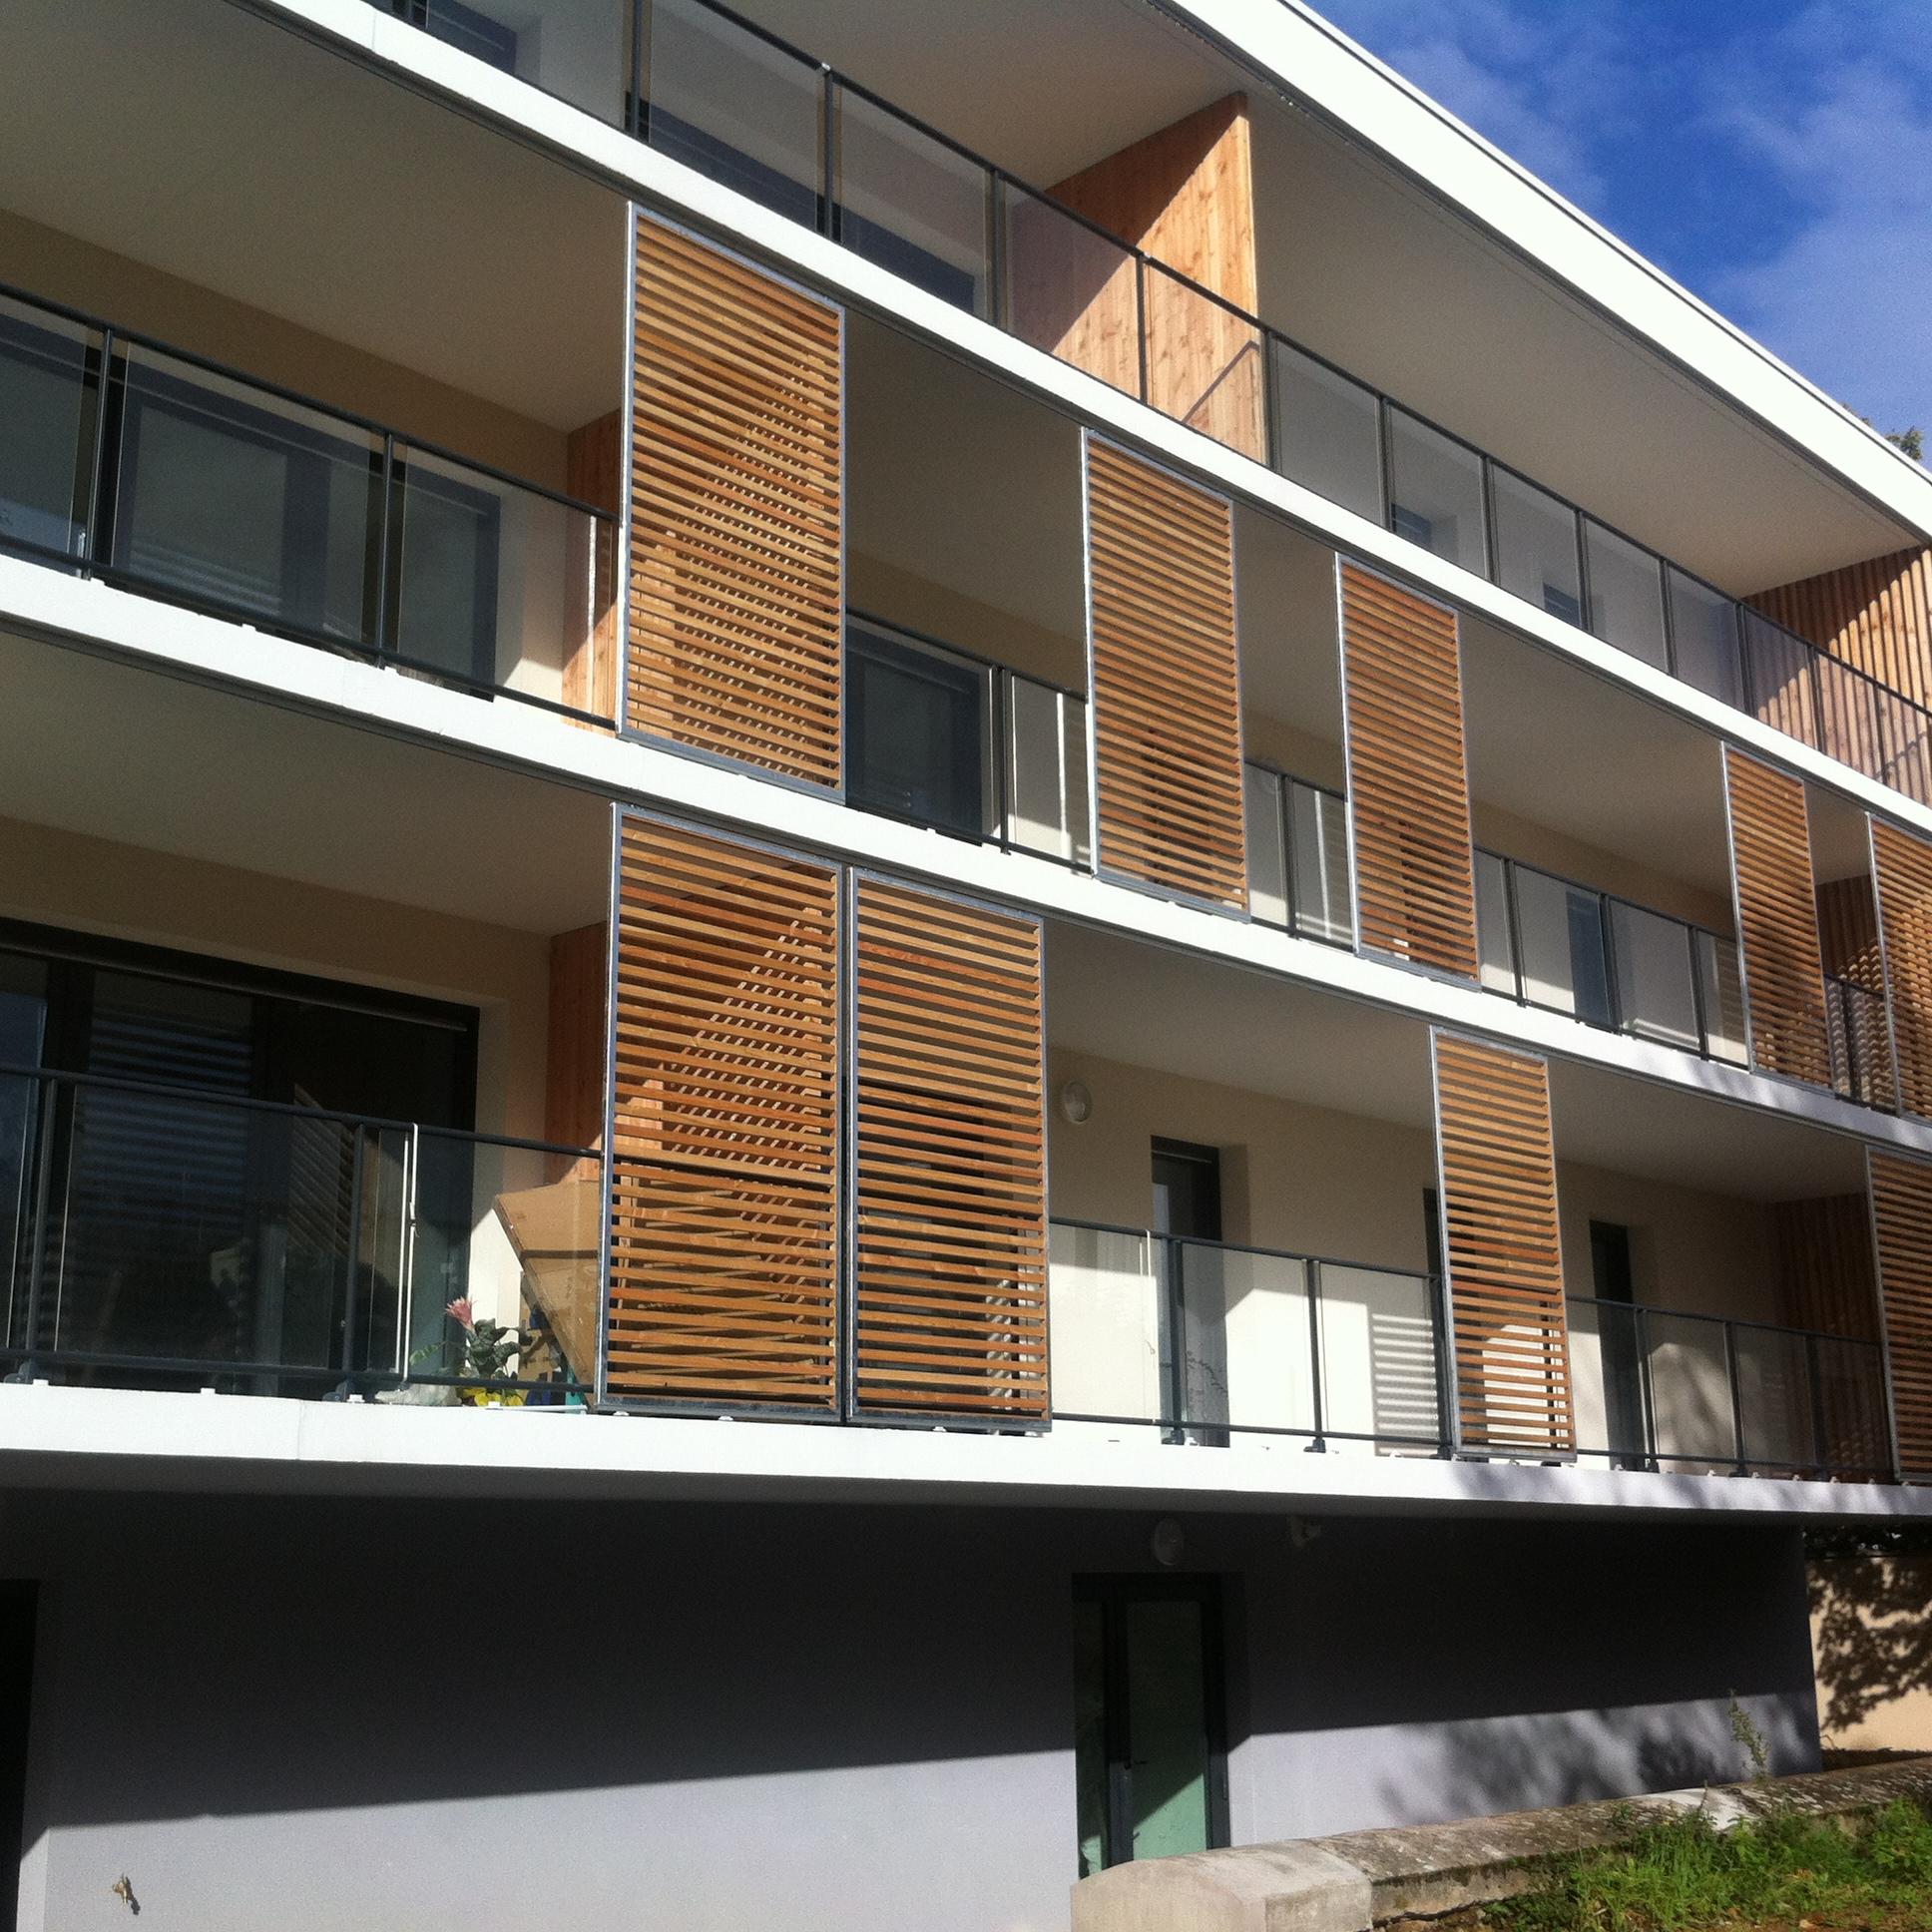 Poitiers Clos Saint Joseph Cité judiciaire logement